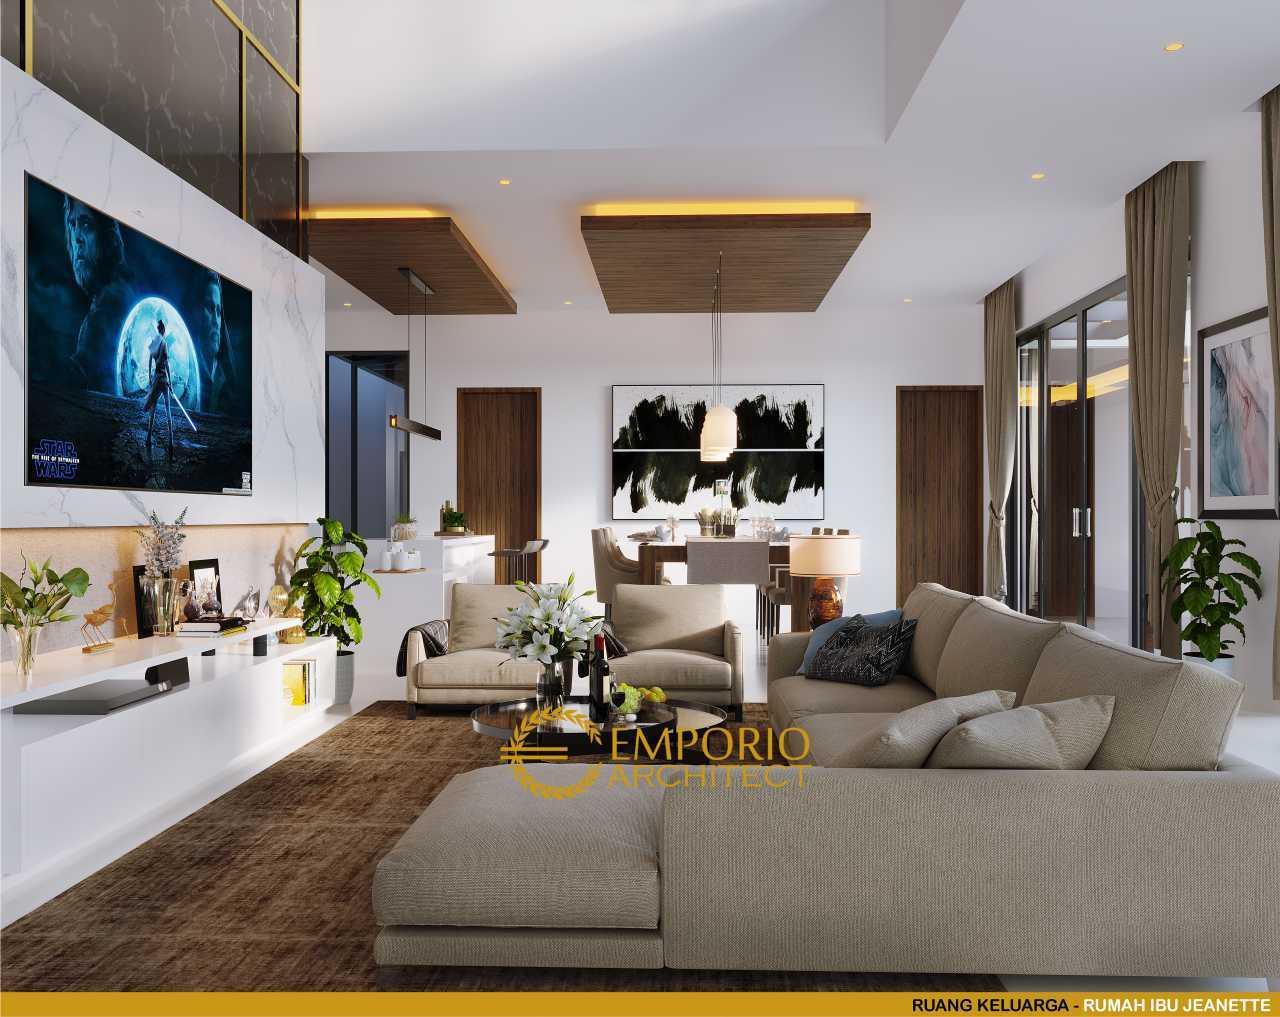 Emporio Architect Jasa Arsitek Bogor Desain Rumah Modern 2 Lantai 757 @ Bogor, Jawa Barat Bogor, Jawa Barat, Indonesia Bogor, Jawa Barat, Indonesia Emporio-Architect-Jasa-Arsitek-Bogor-Desain-Rumah-Modern-2-Lantai-757-Bogor-Jawa-Barat   86979